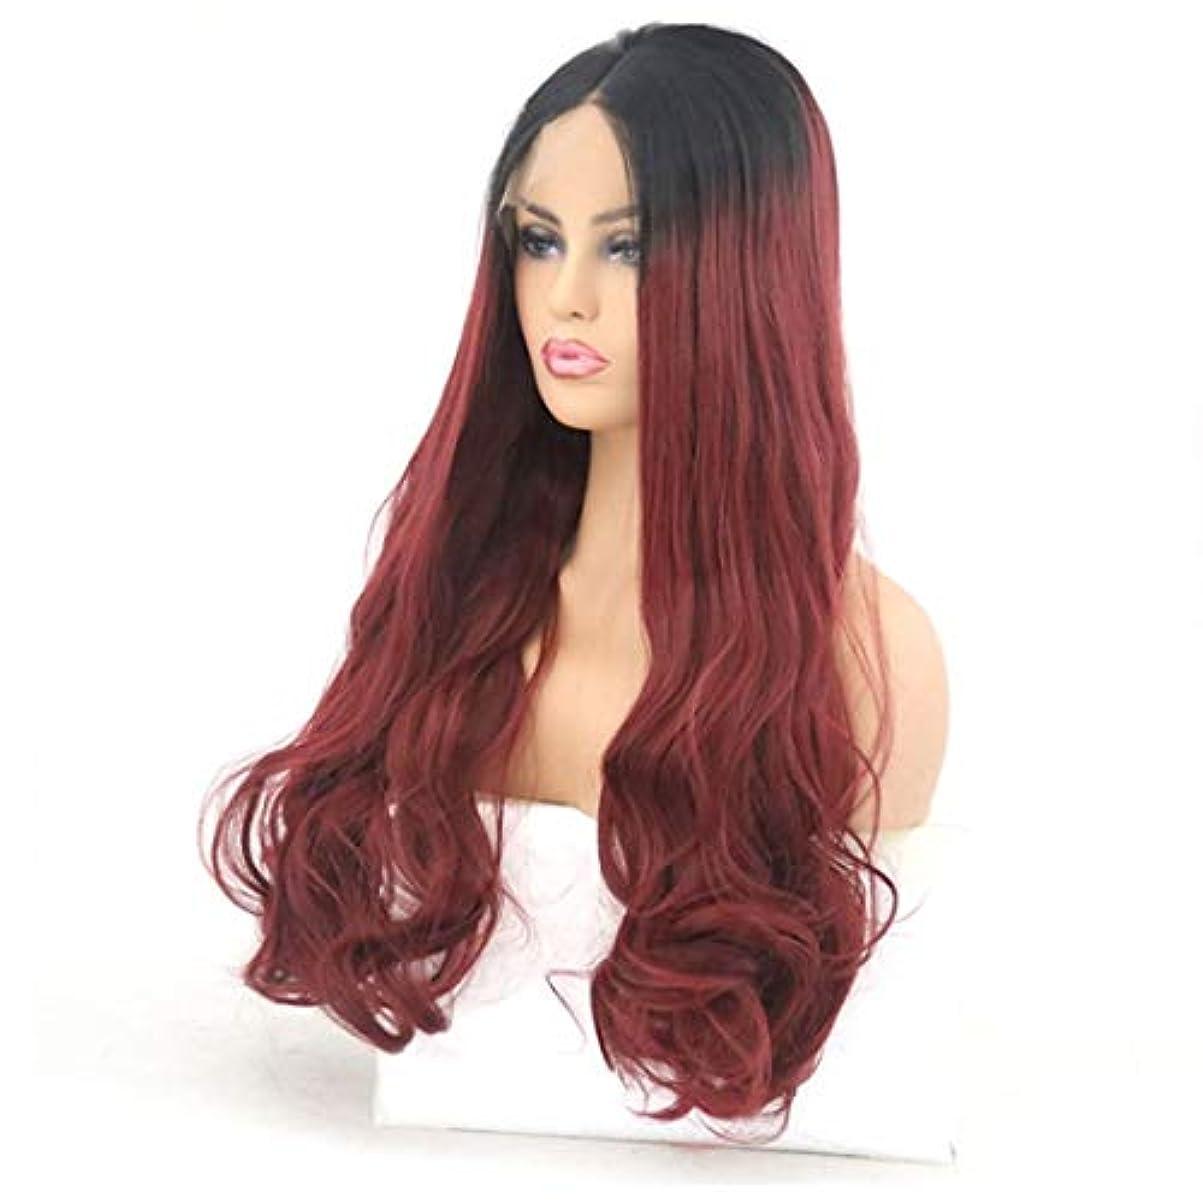 中毒染料素晴らしきKerwinner 耐熱性女性のためのフロントレースのかつら長い巻き毛の大きな波状の巻き毛